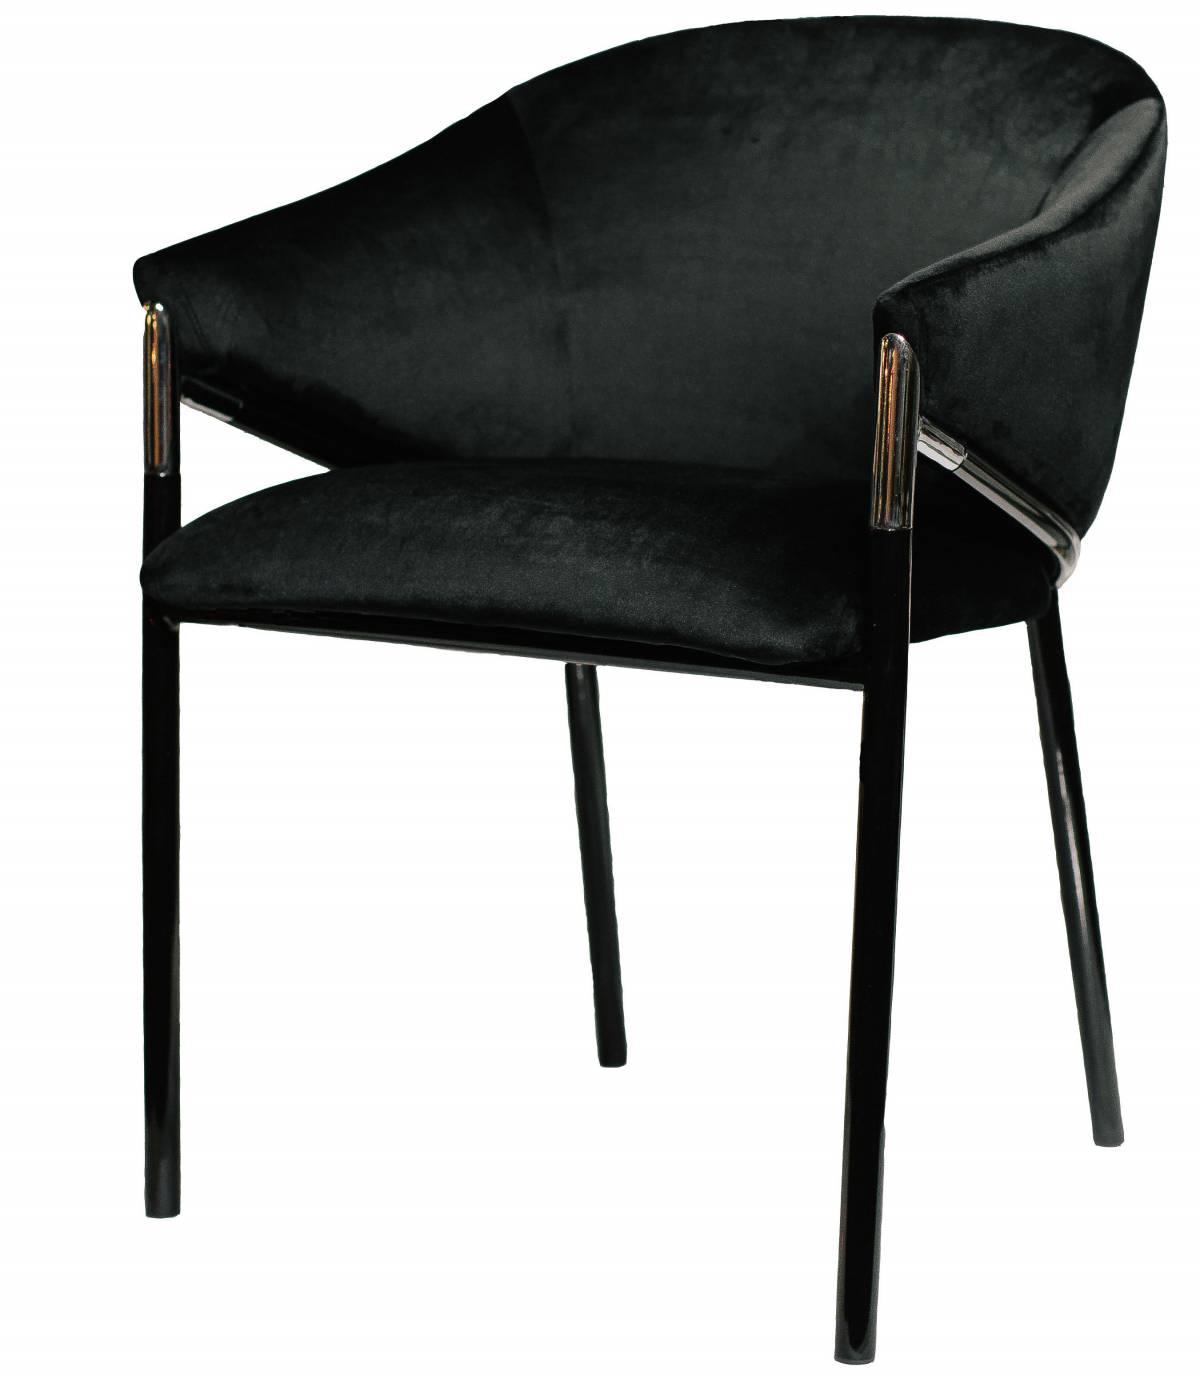 Купить кресло Melody бархатный черный в Raroom